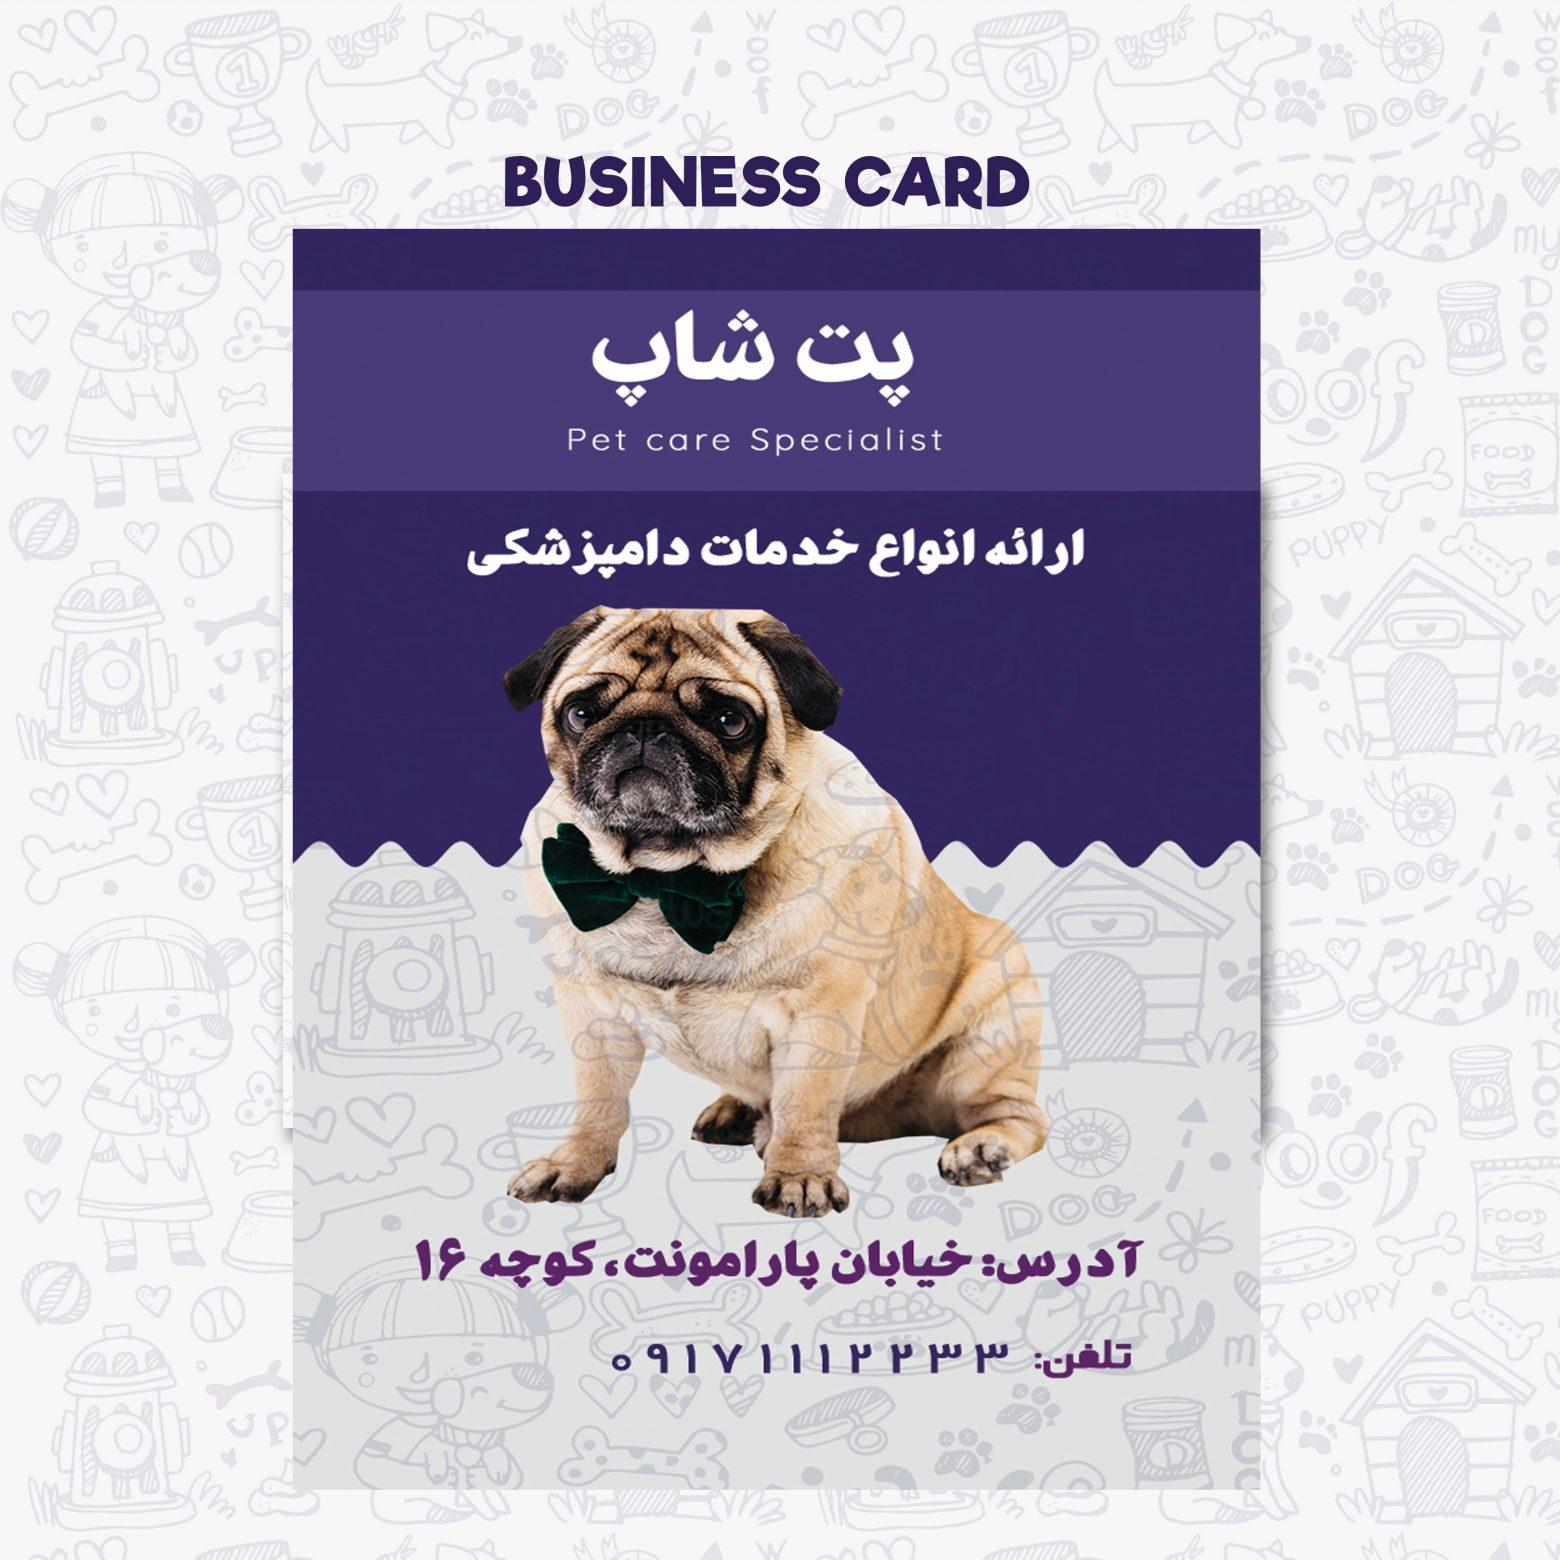 3480687 1560x1560 - کارت ویزیت دامپزشکی